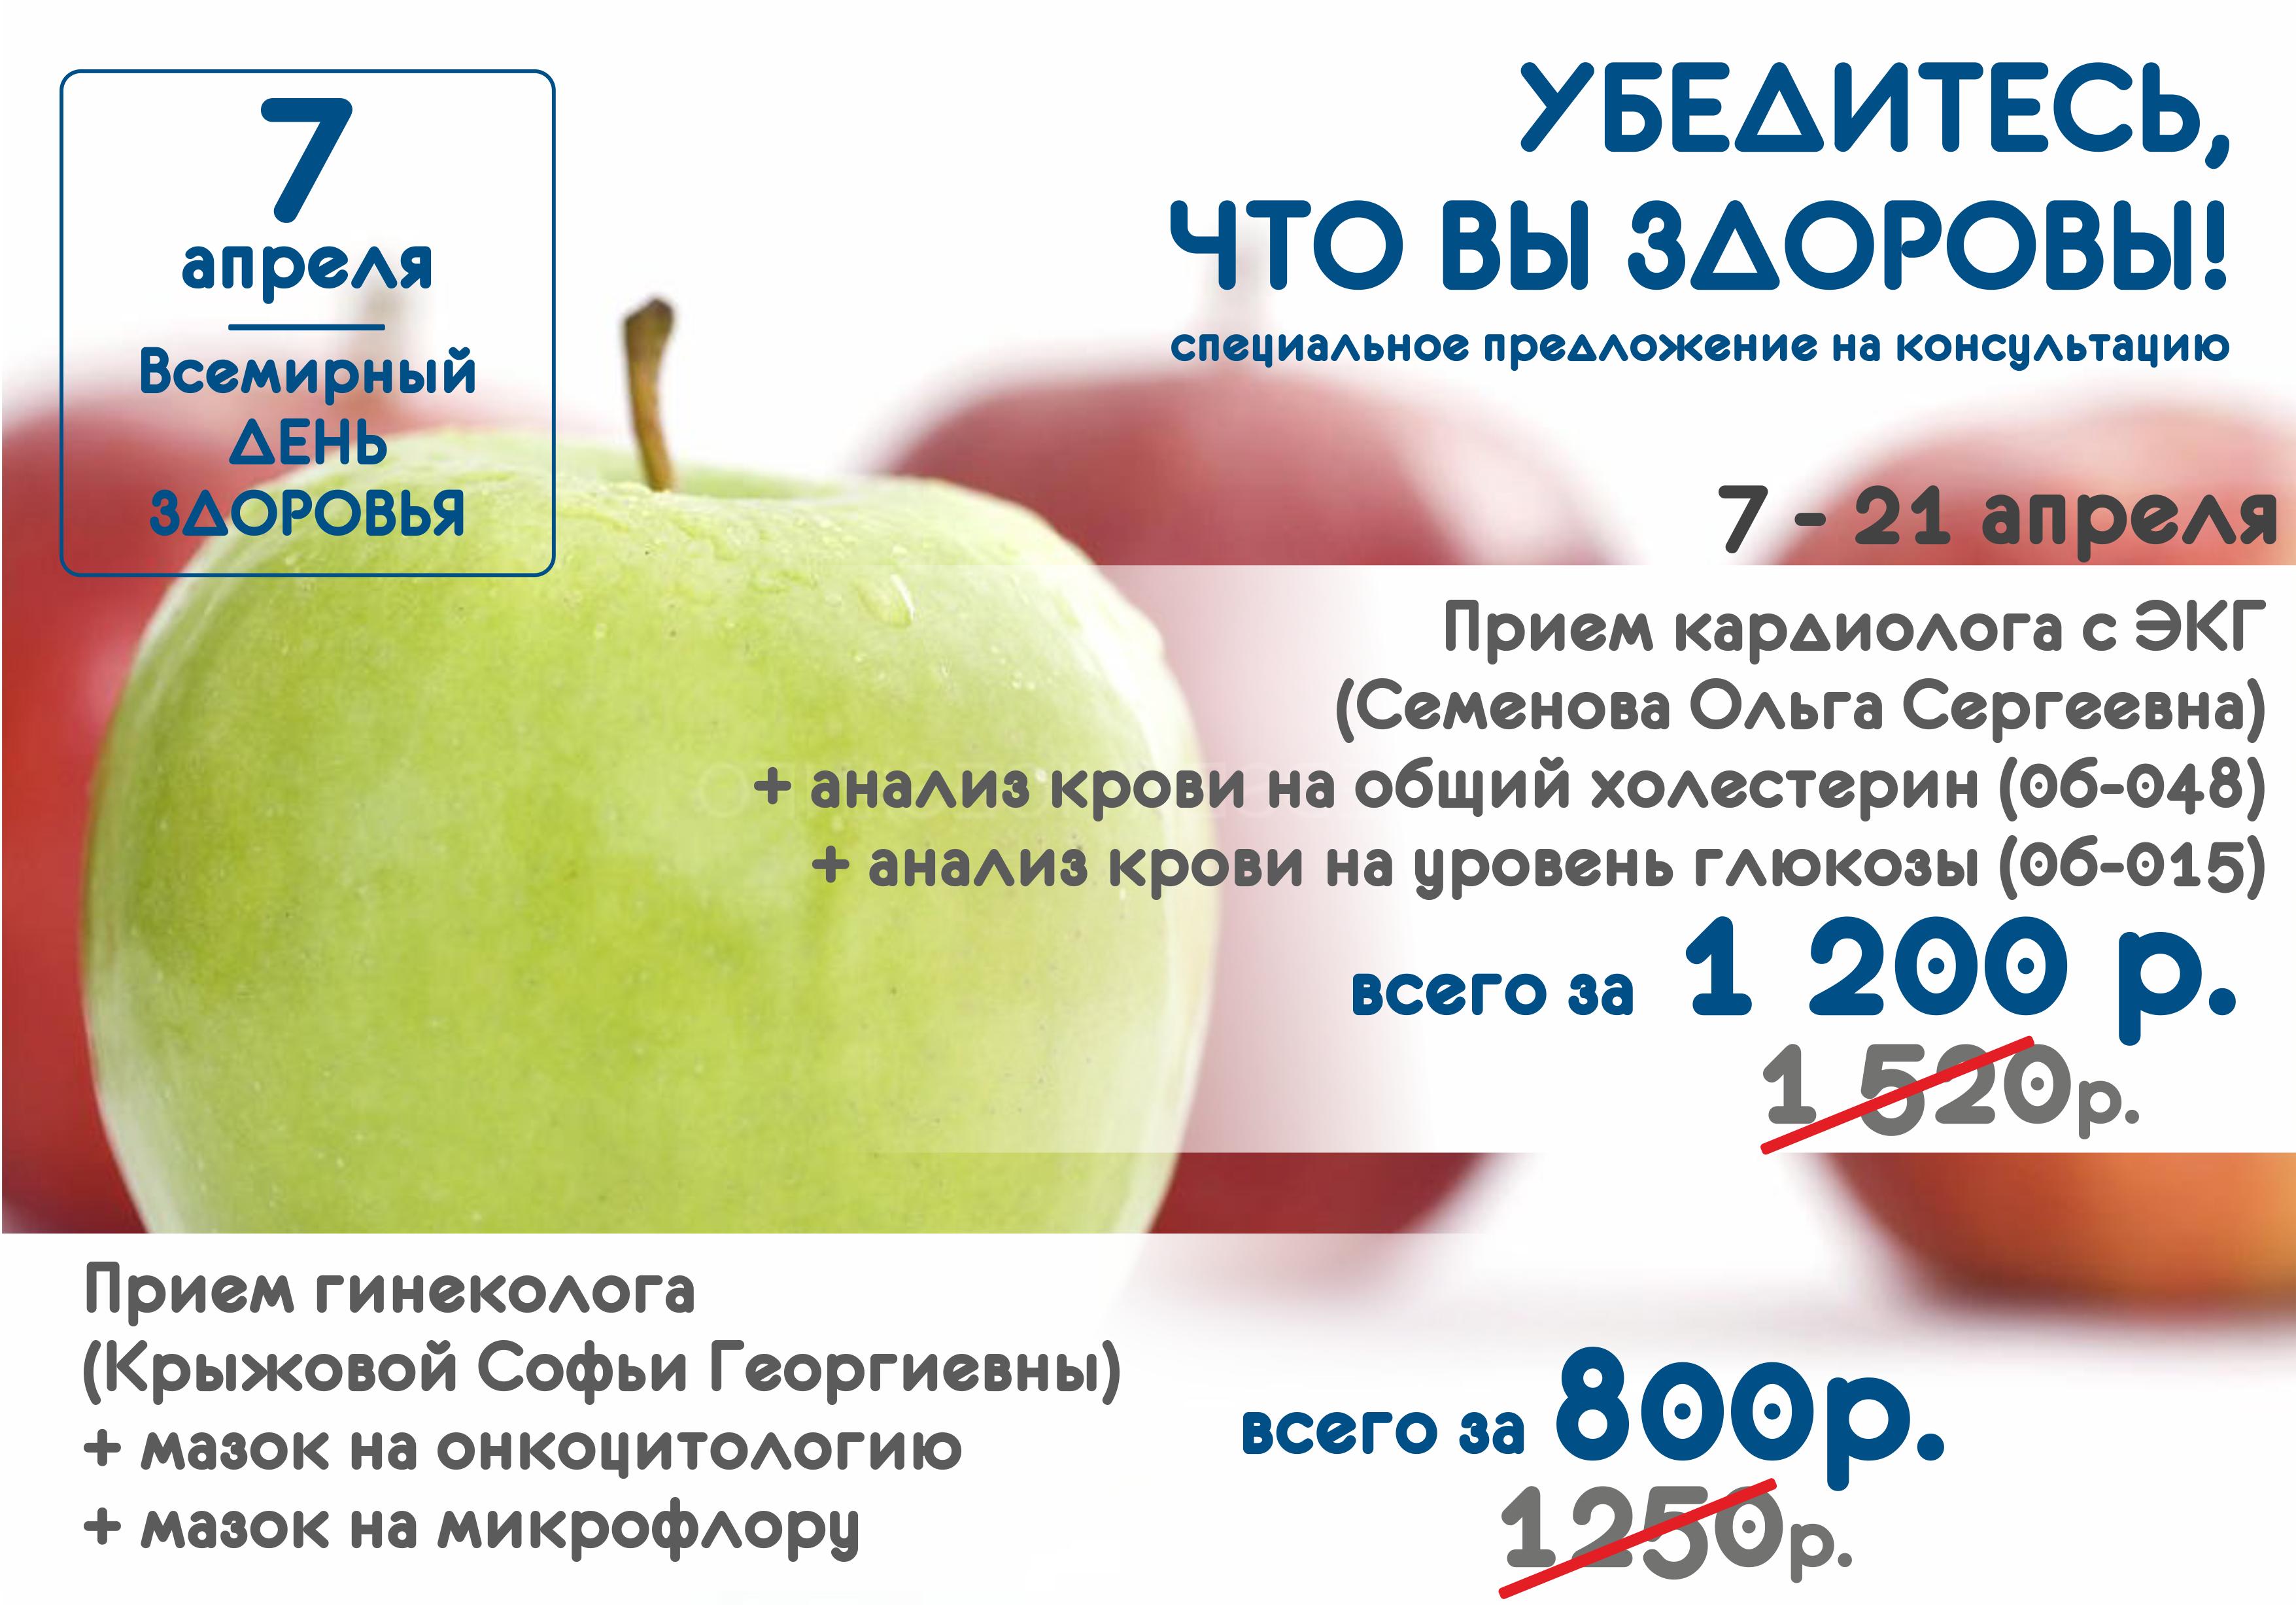 Анализ крови на холестерин по акции Медицинская справка для соревнований Январская улица (деревня Шарапово)